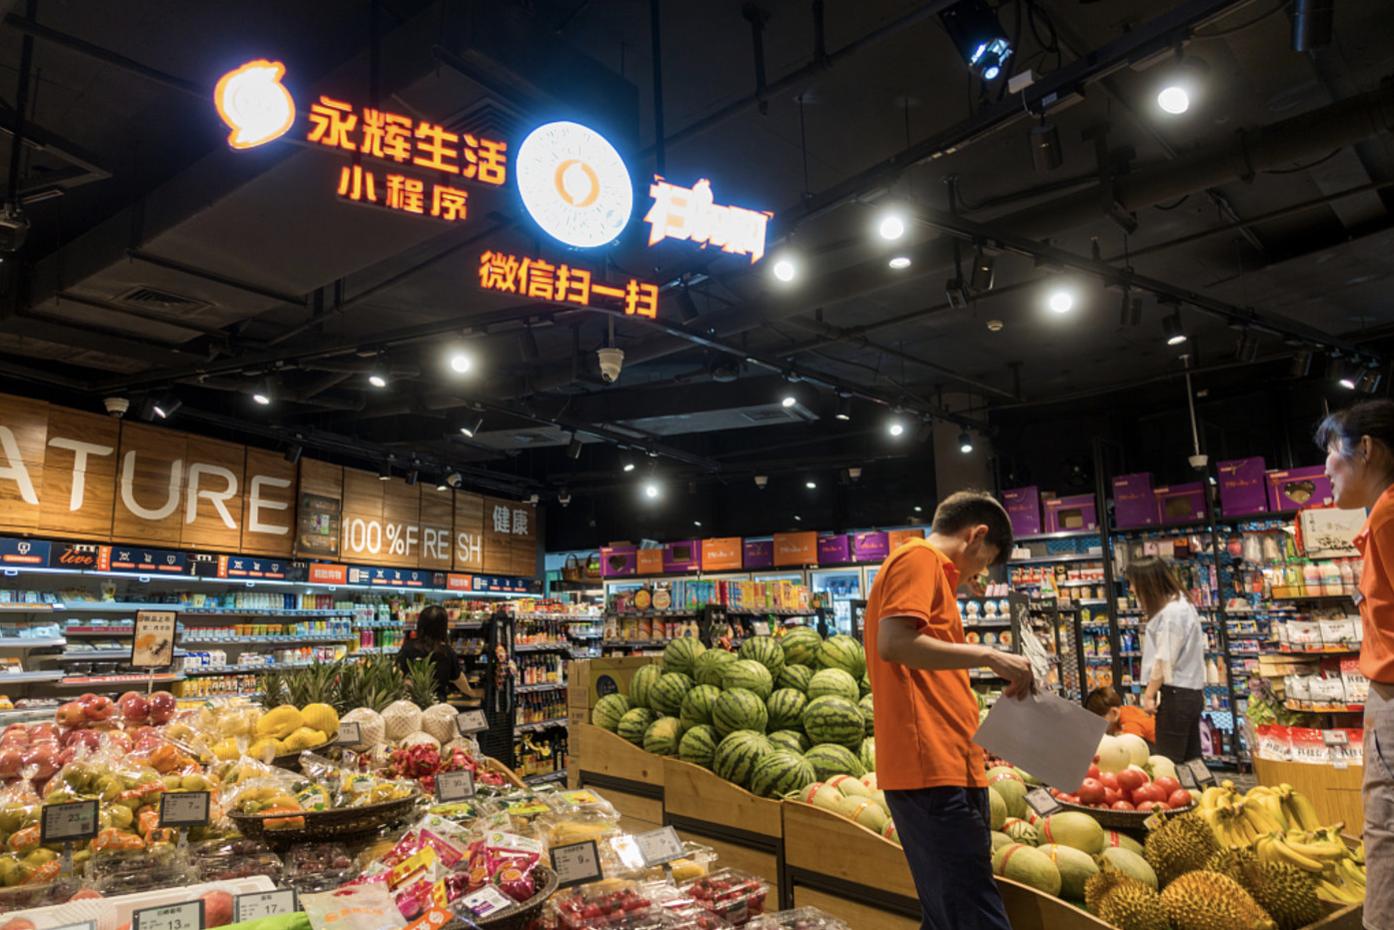 永辉超市在贵州布局物流万人牛牛,还将进军内蒙、西藏   钛快讯